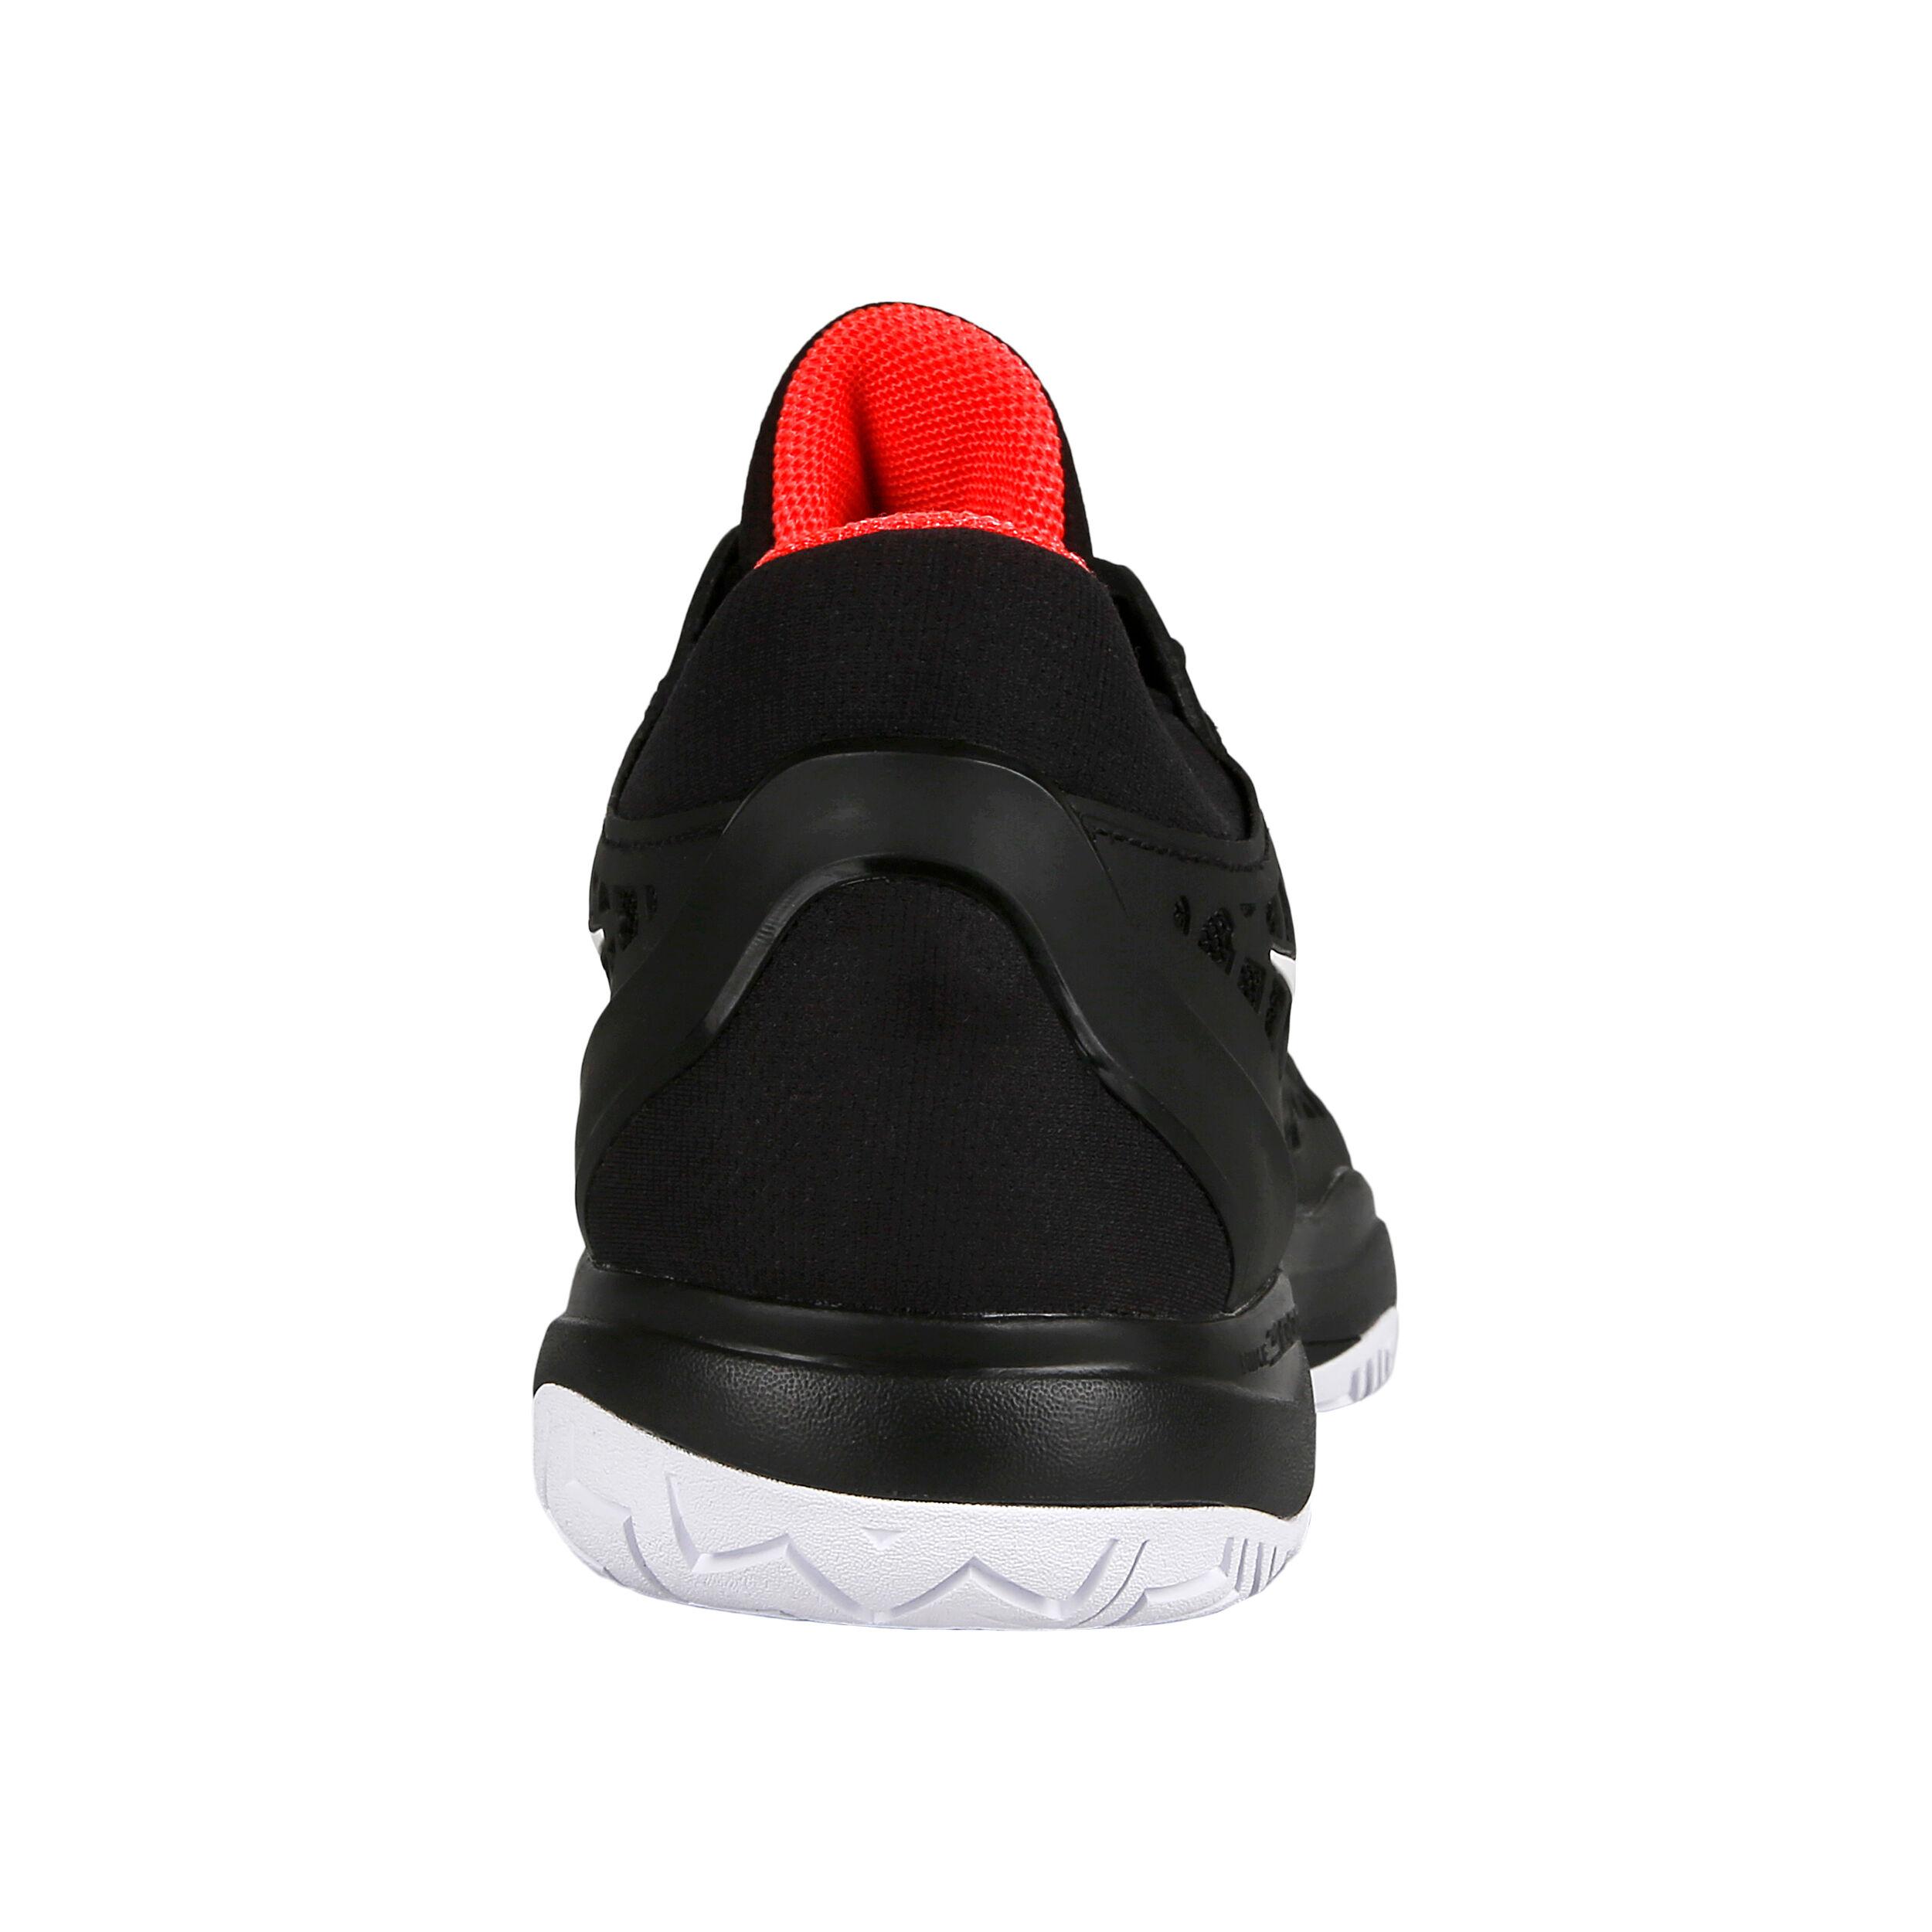 SchwarzHellgrau 3 Nike Allcourtschuh Cage Hc Zoom Air Herren QBhCxdtsro